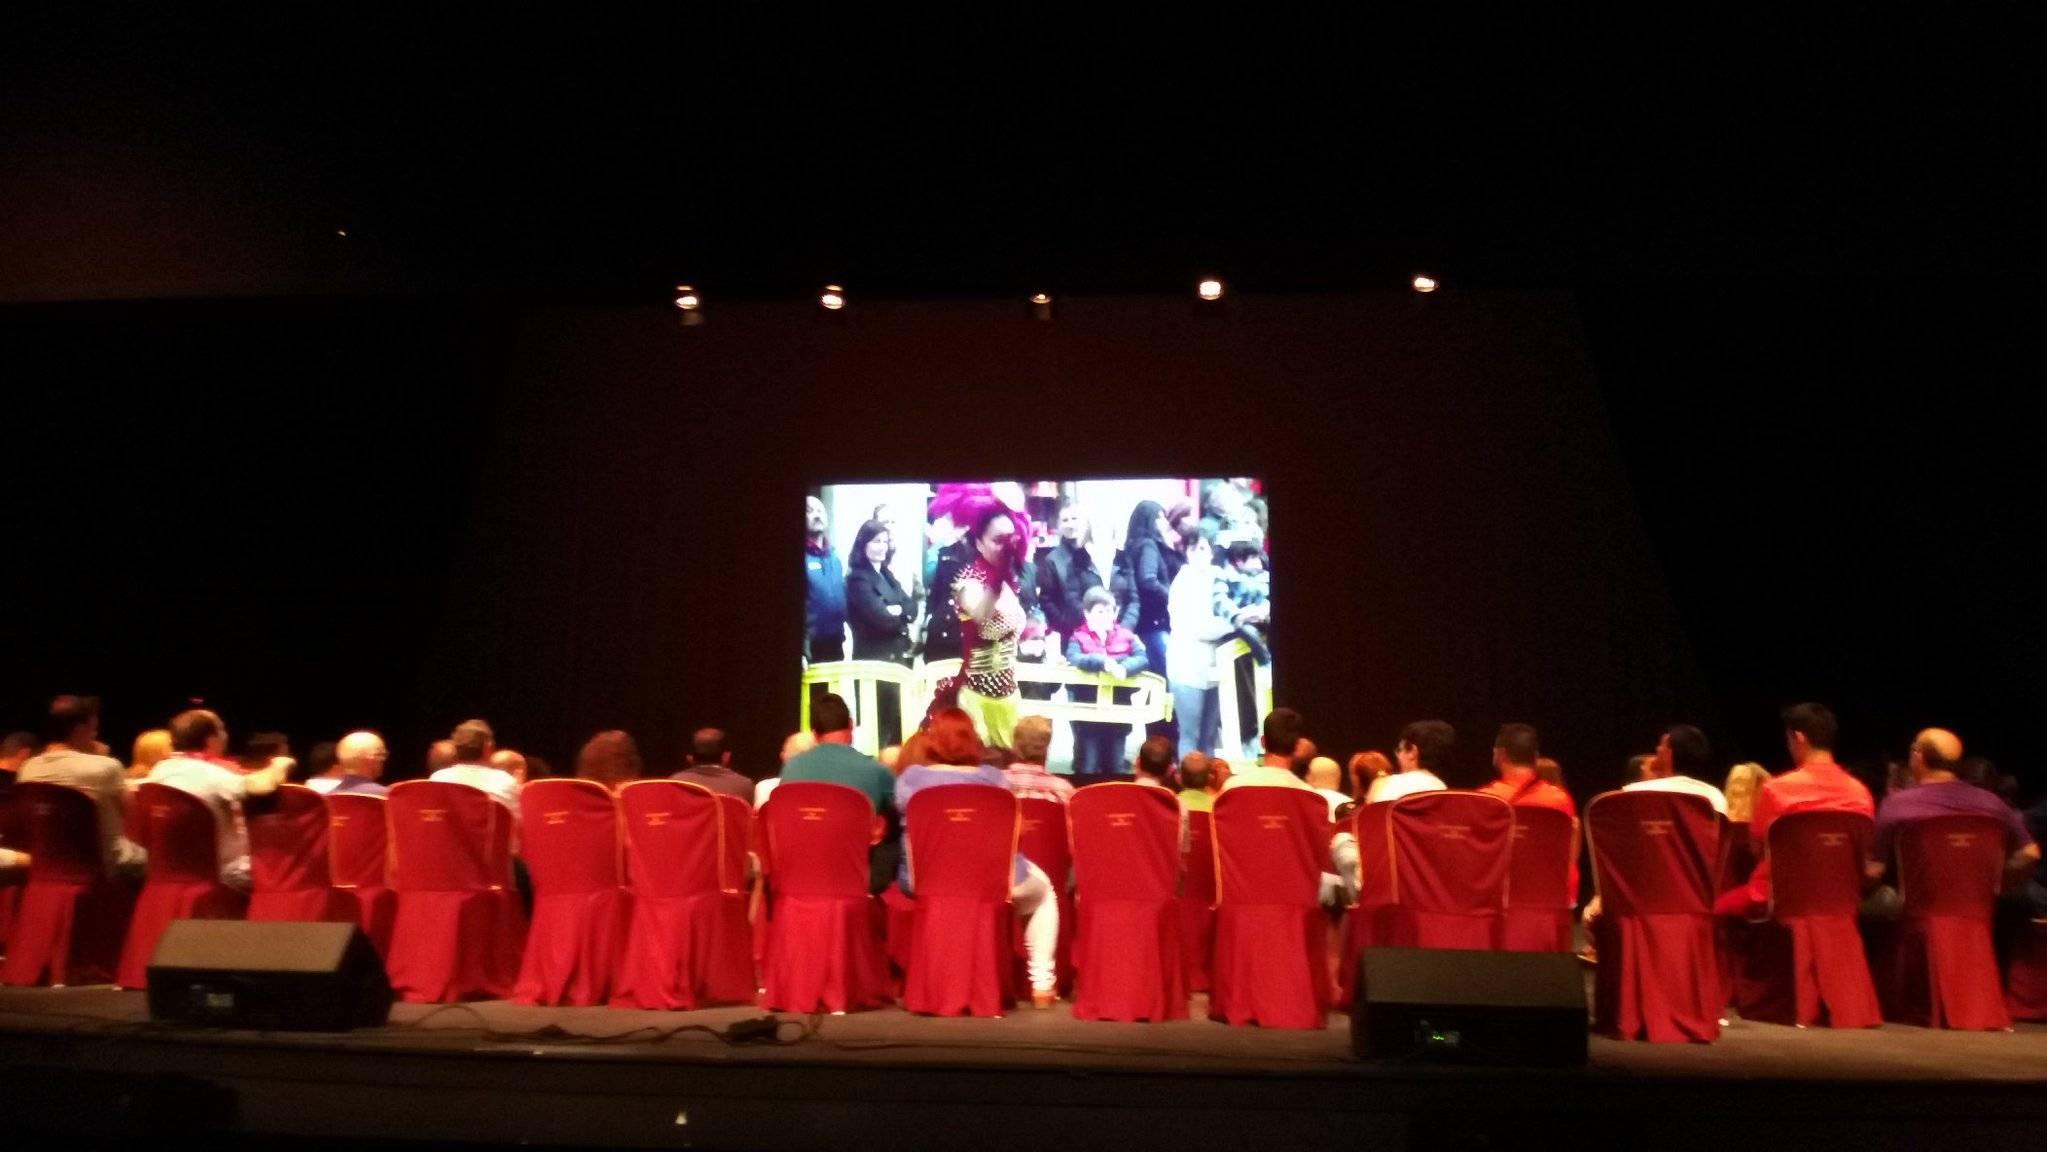 comision de carnaval en auditorio - La Comisión de Carnaval de Herencia habla de la Declaración de Interés Turístico Nacional